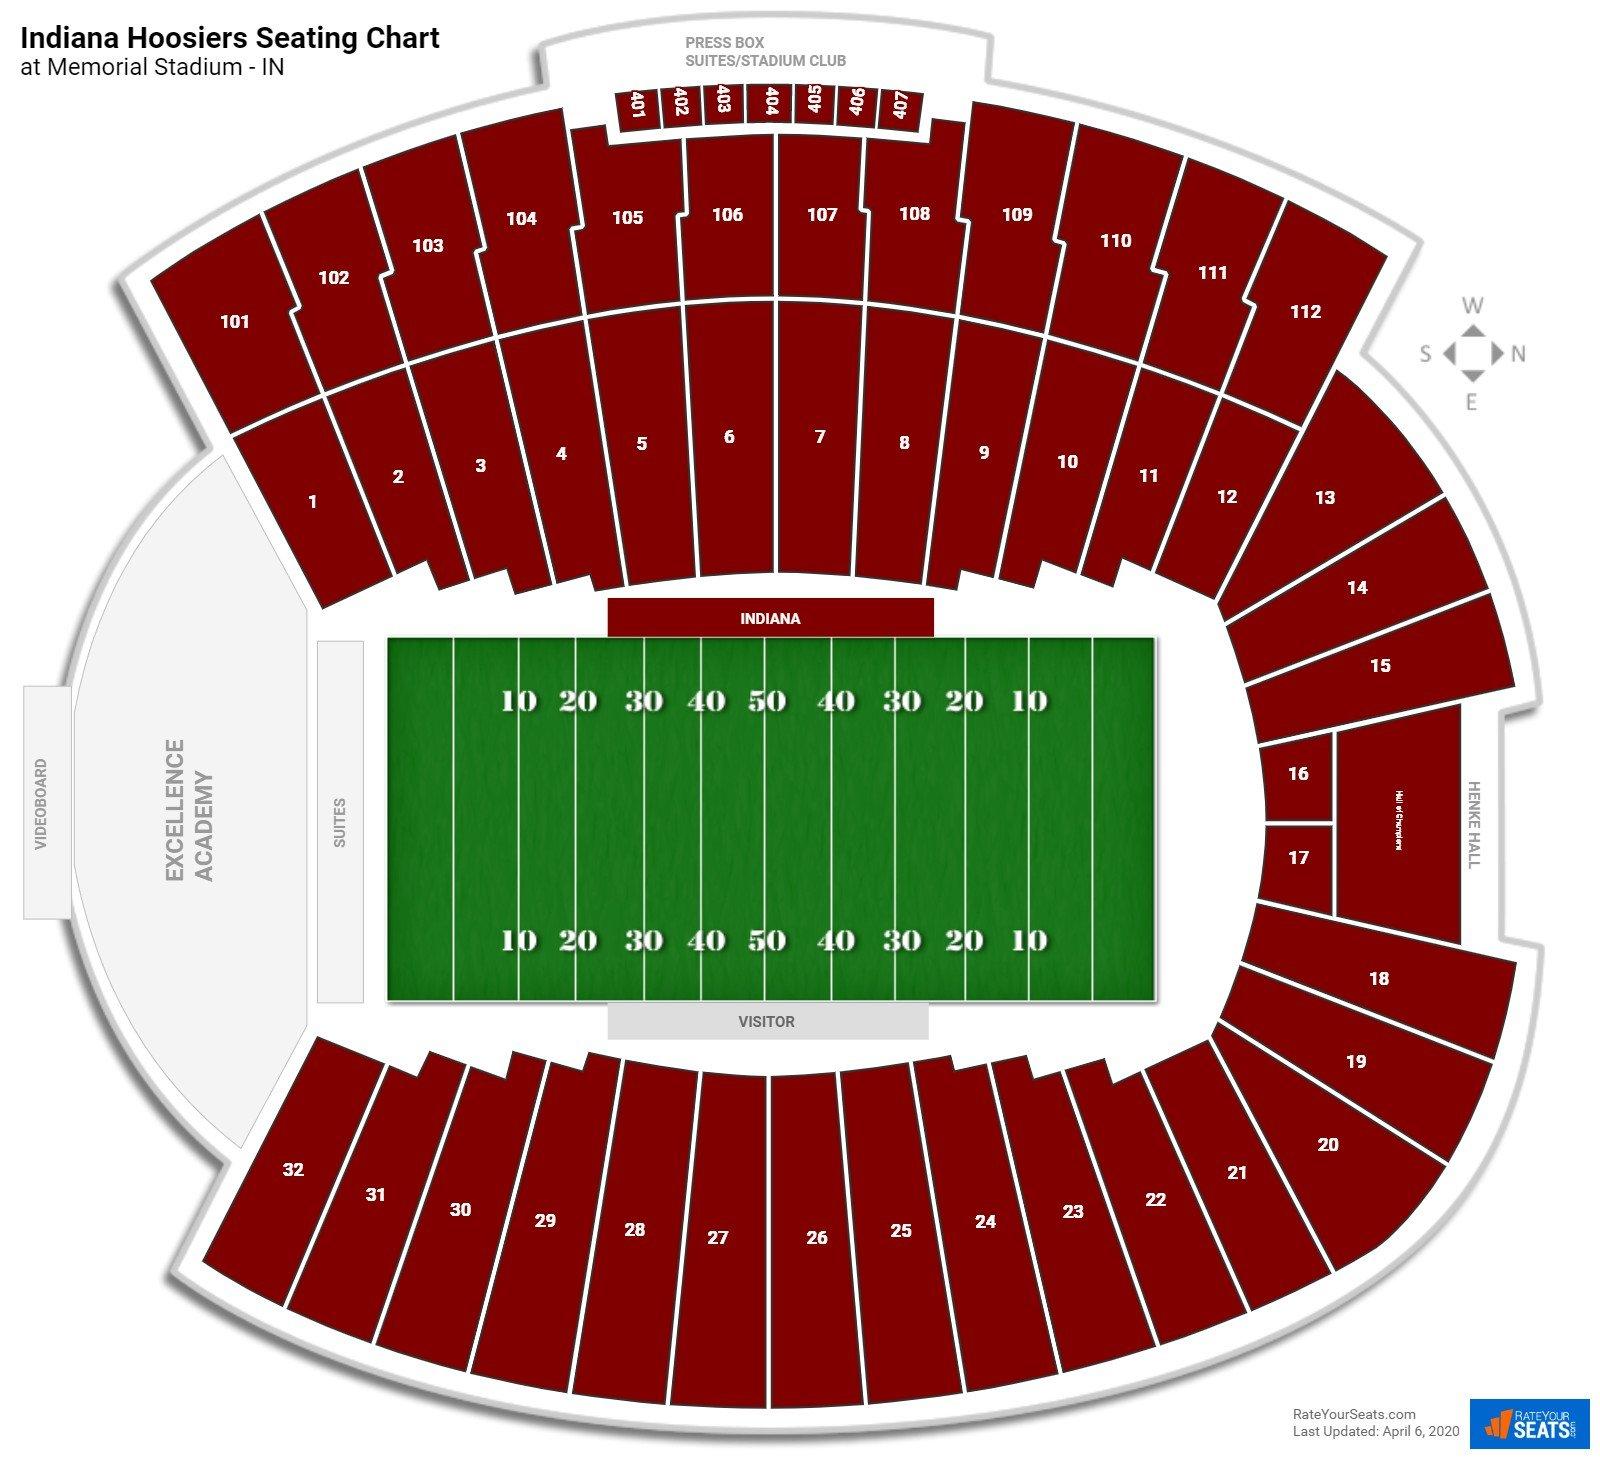 Memorial Stadium - IN Seating Charts - RateYourSeats.com